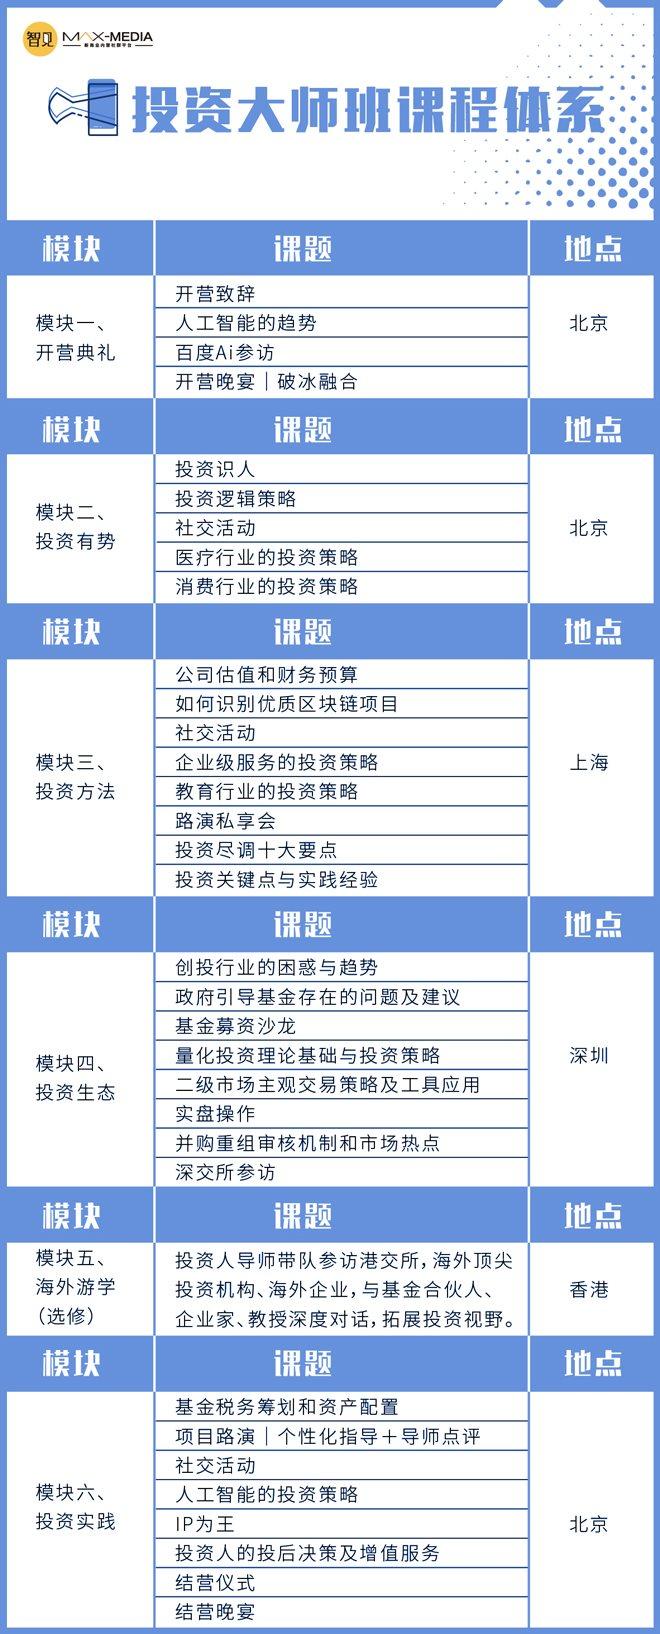 投资大师班课程表.jpg